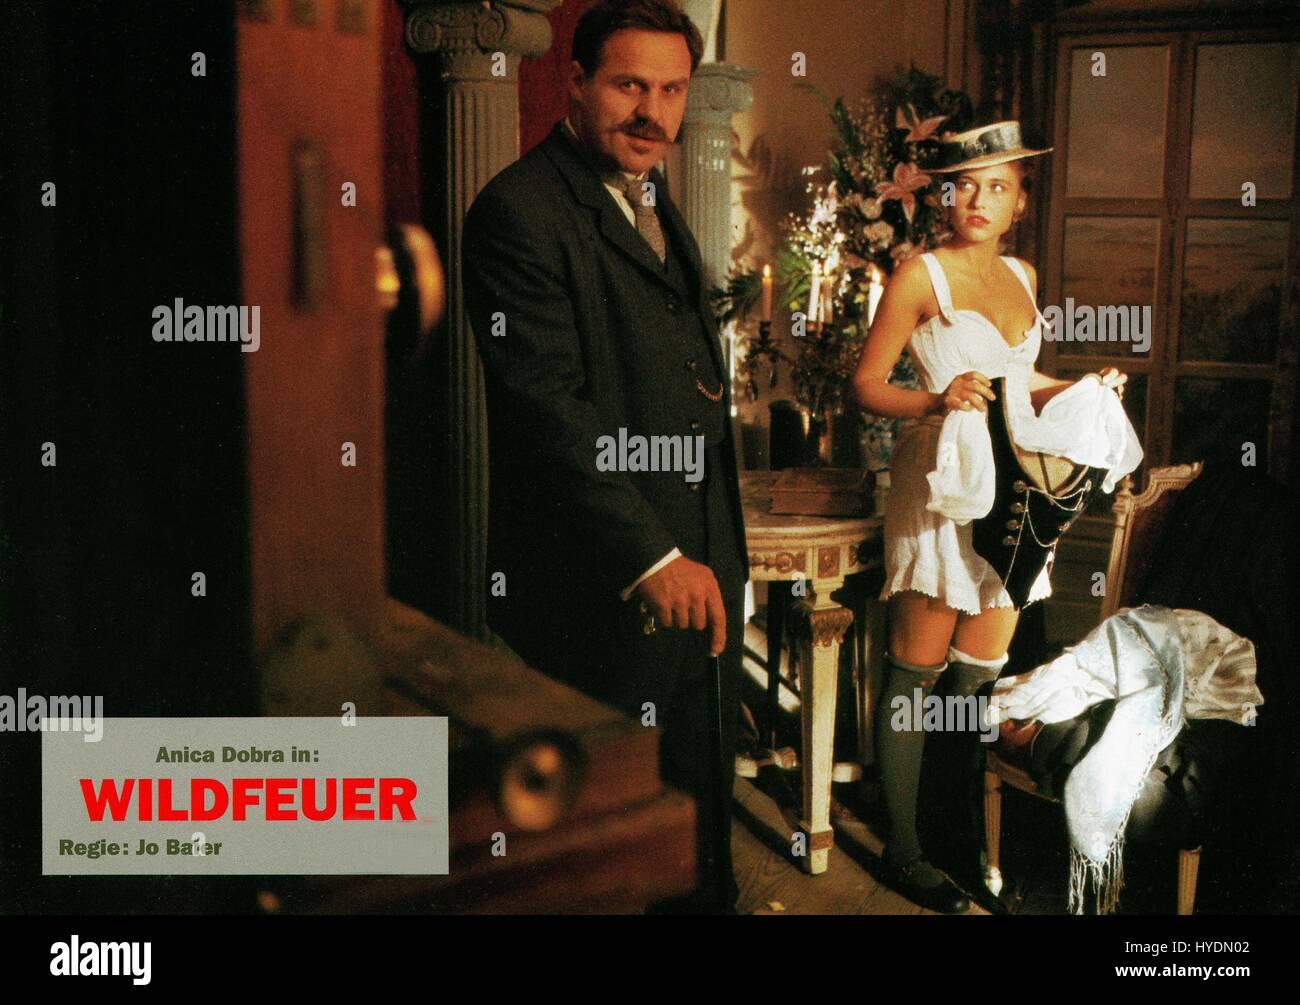 Wildfeuer, Deutschland 1991, Regie: Jo Baier, Darsteller: Josef Bierbichler, Anica Dobra Stock Photo